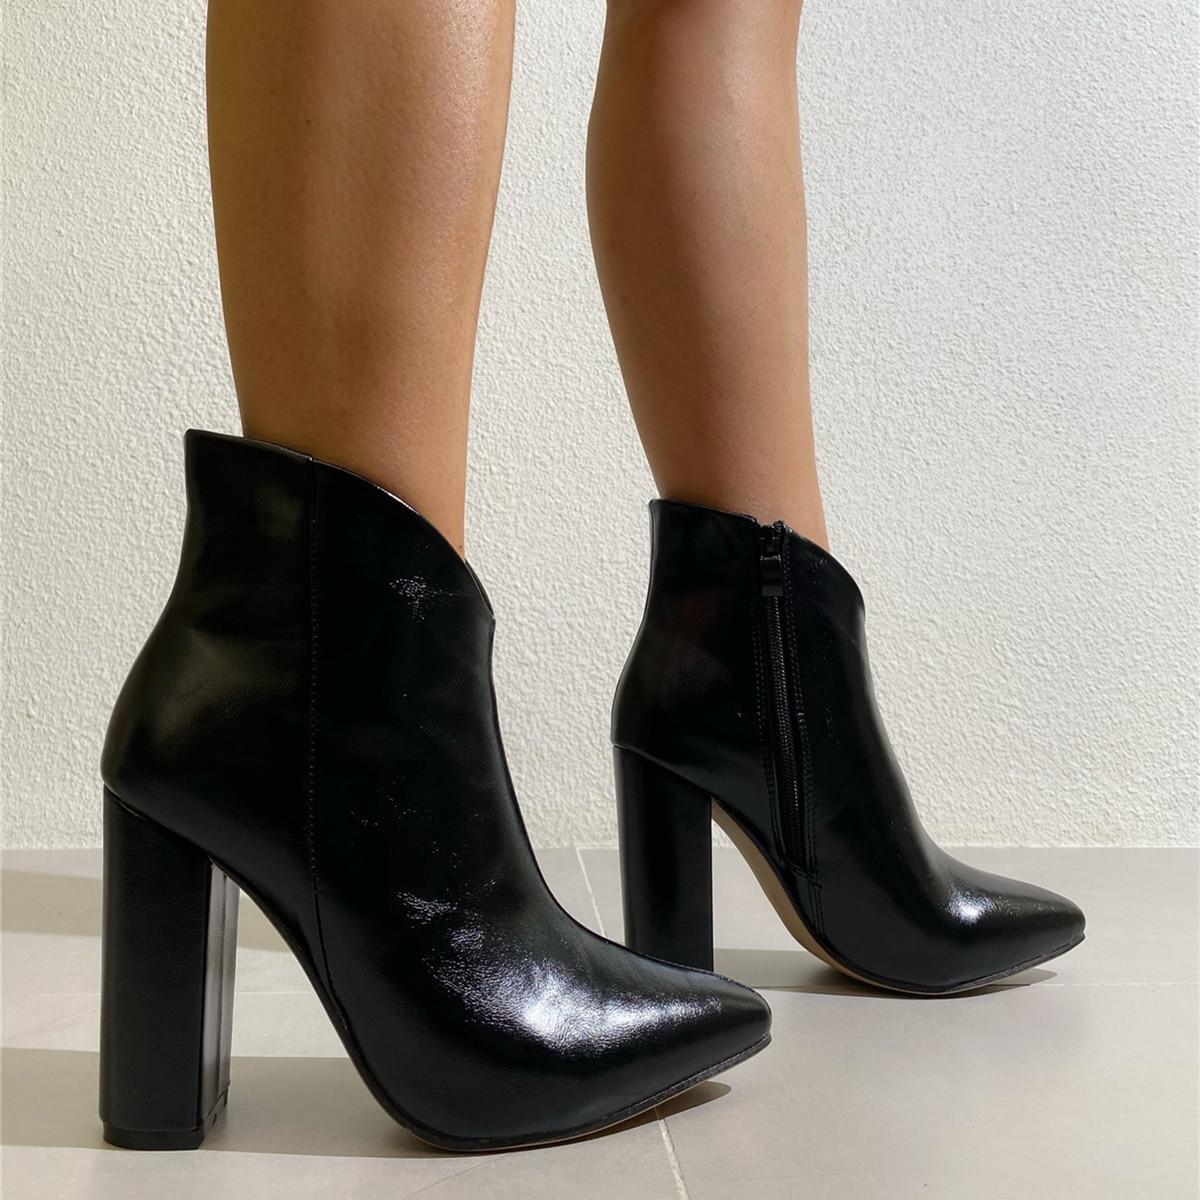 SHEIN / Minimalistische Stiefel mit seitlichem Reißverschluss und klobigem Absatz